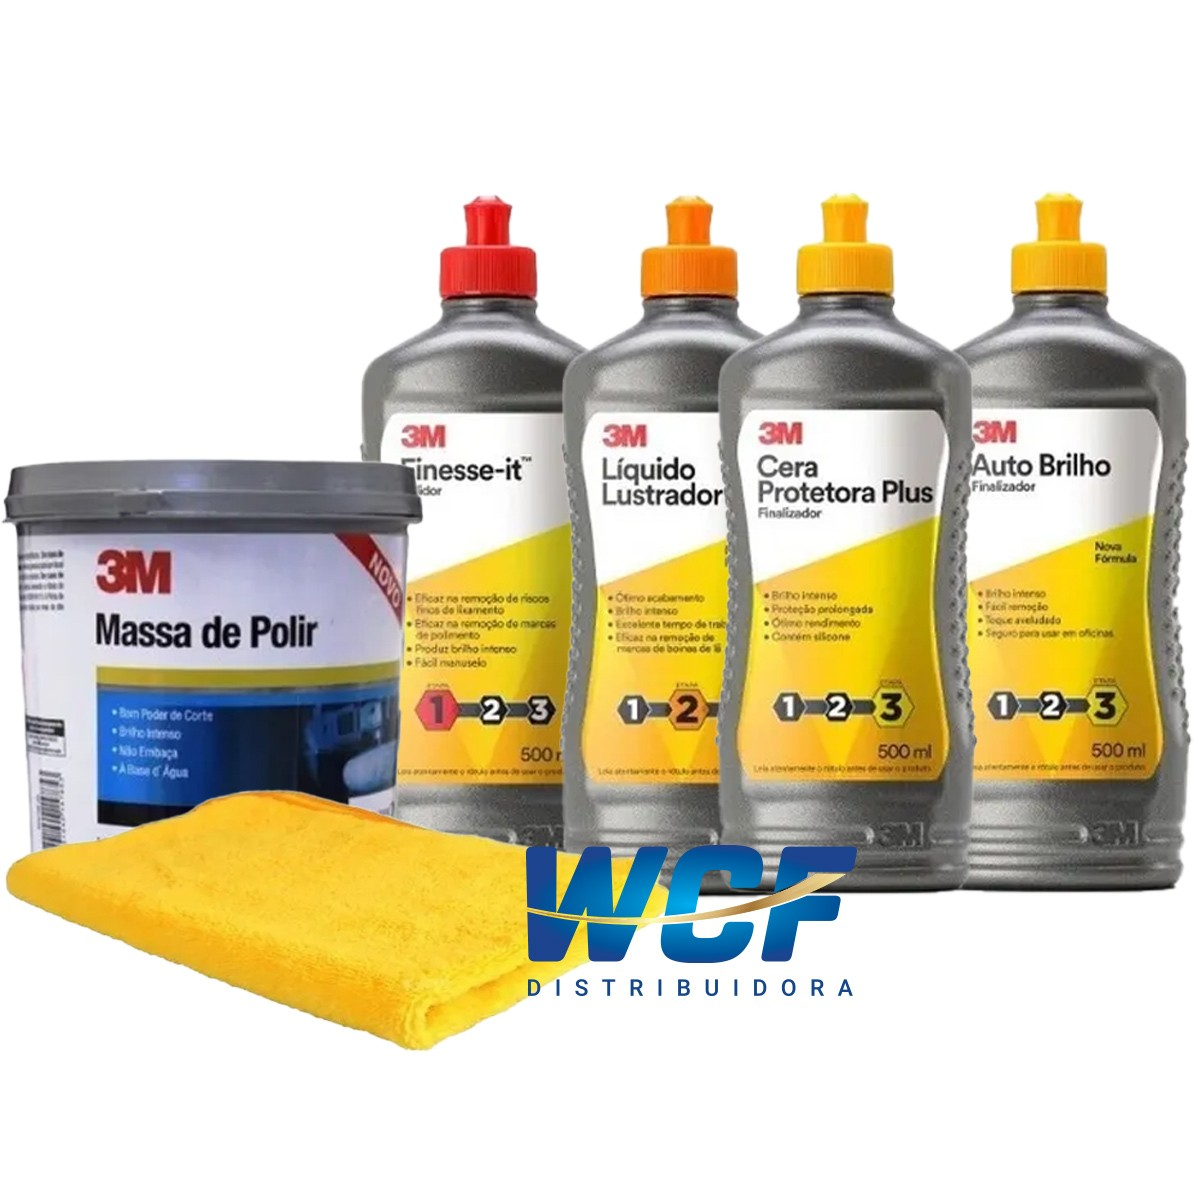 Kit de Polimento 3M - Massa, Finesse, Lustrador, Auto Brilho, cera e flanela